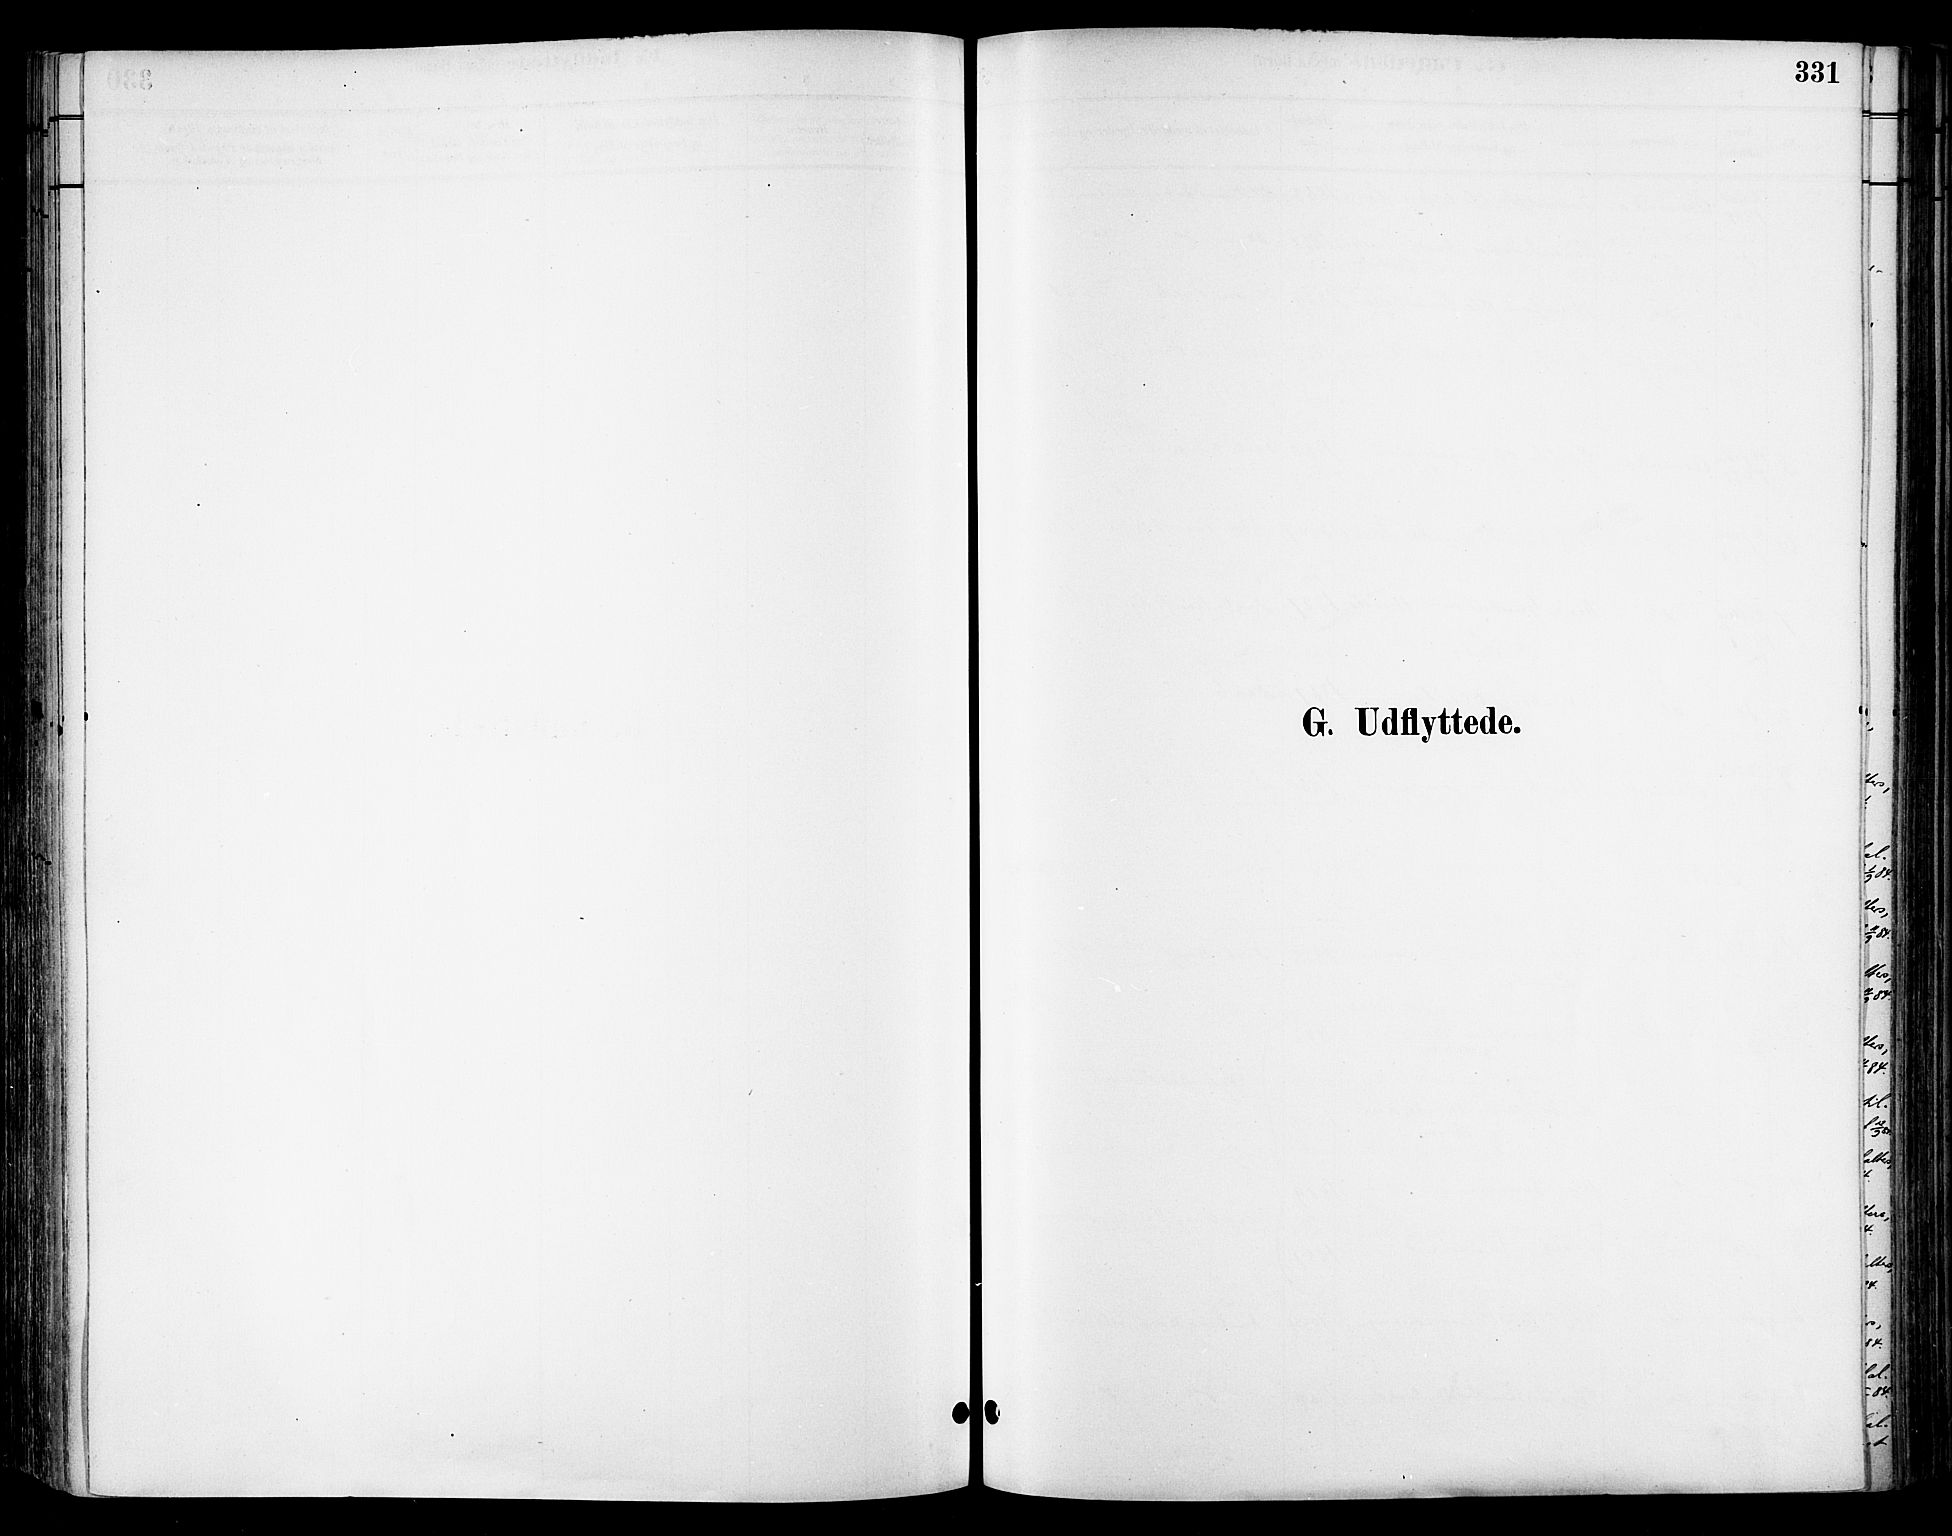 SAT, Ministerialprotokoller, klokkerbøker og fødselsregistre - Sør-Trøndelag, 678/L0901: Ministerialbok nr. 678A10, 1881-1894, s. 331